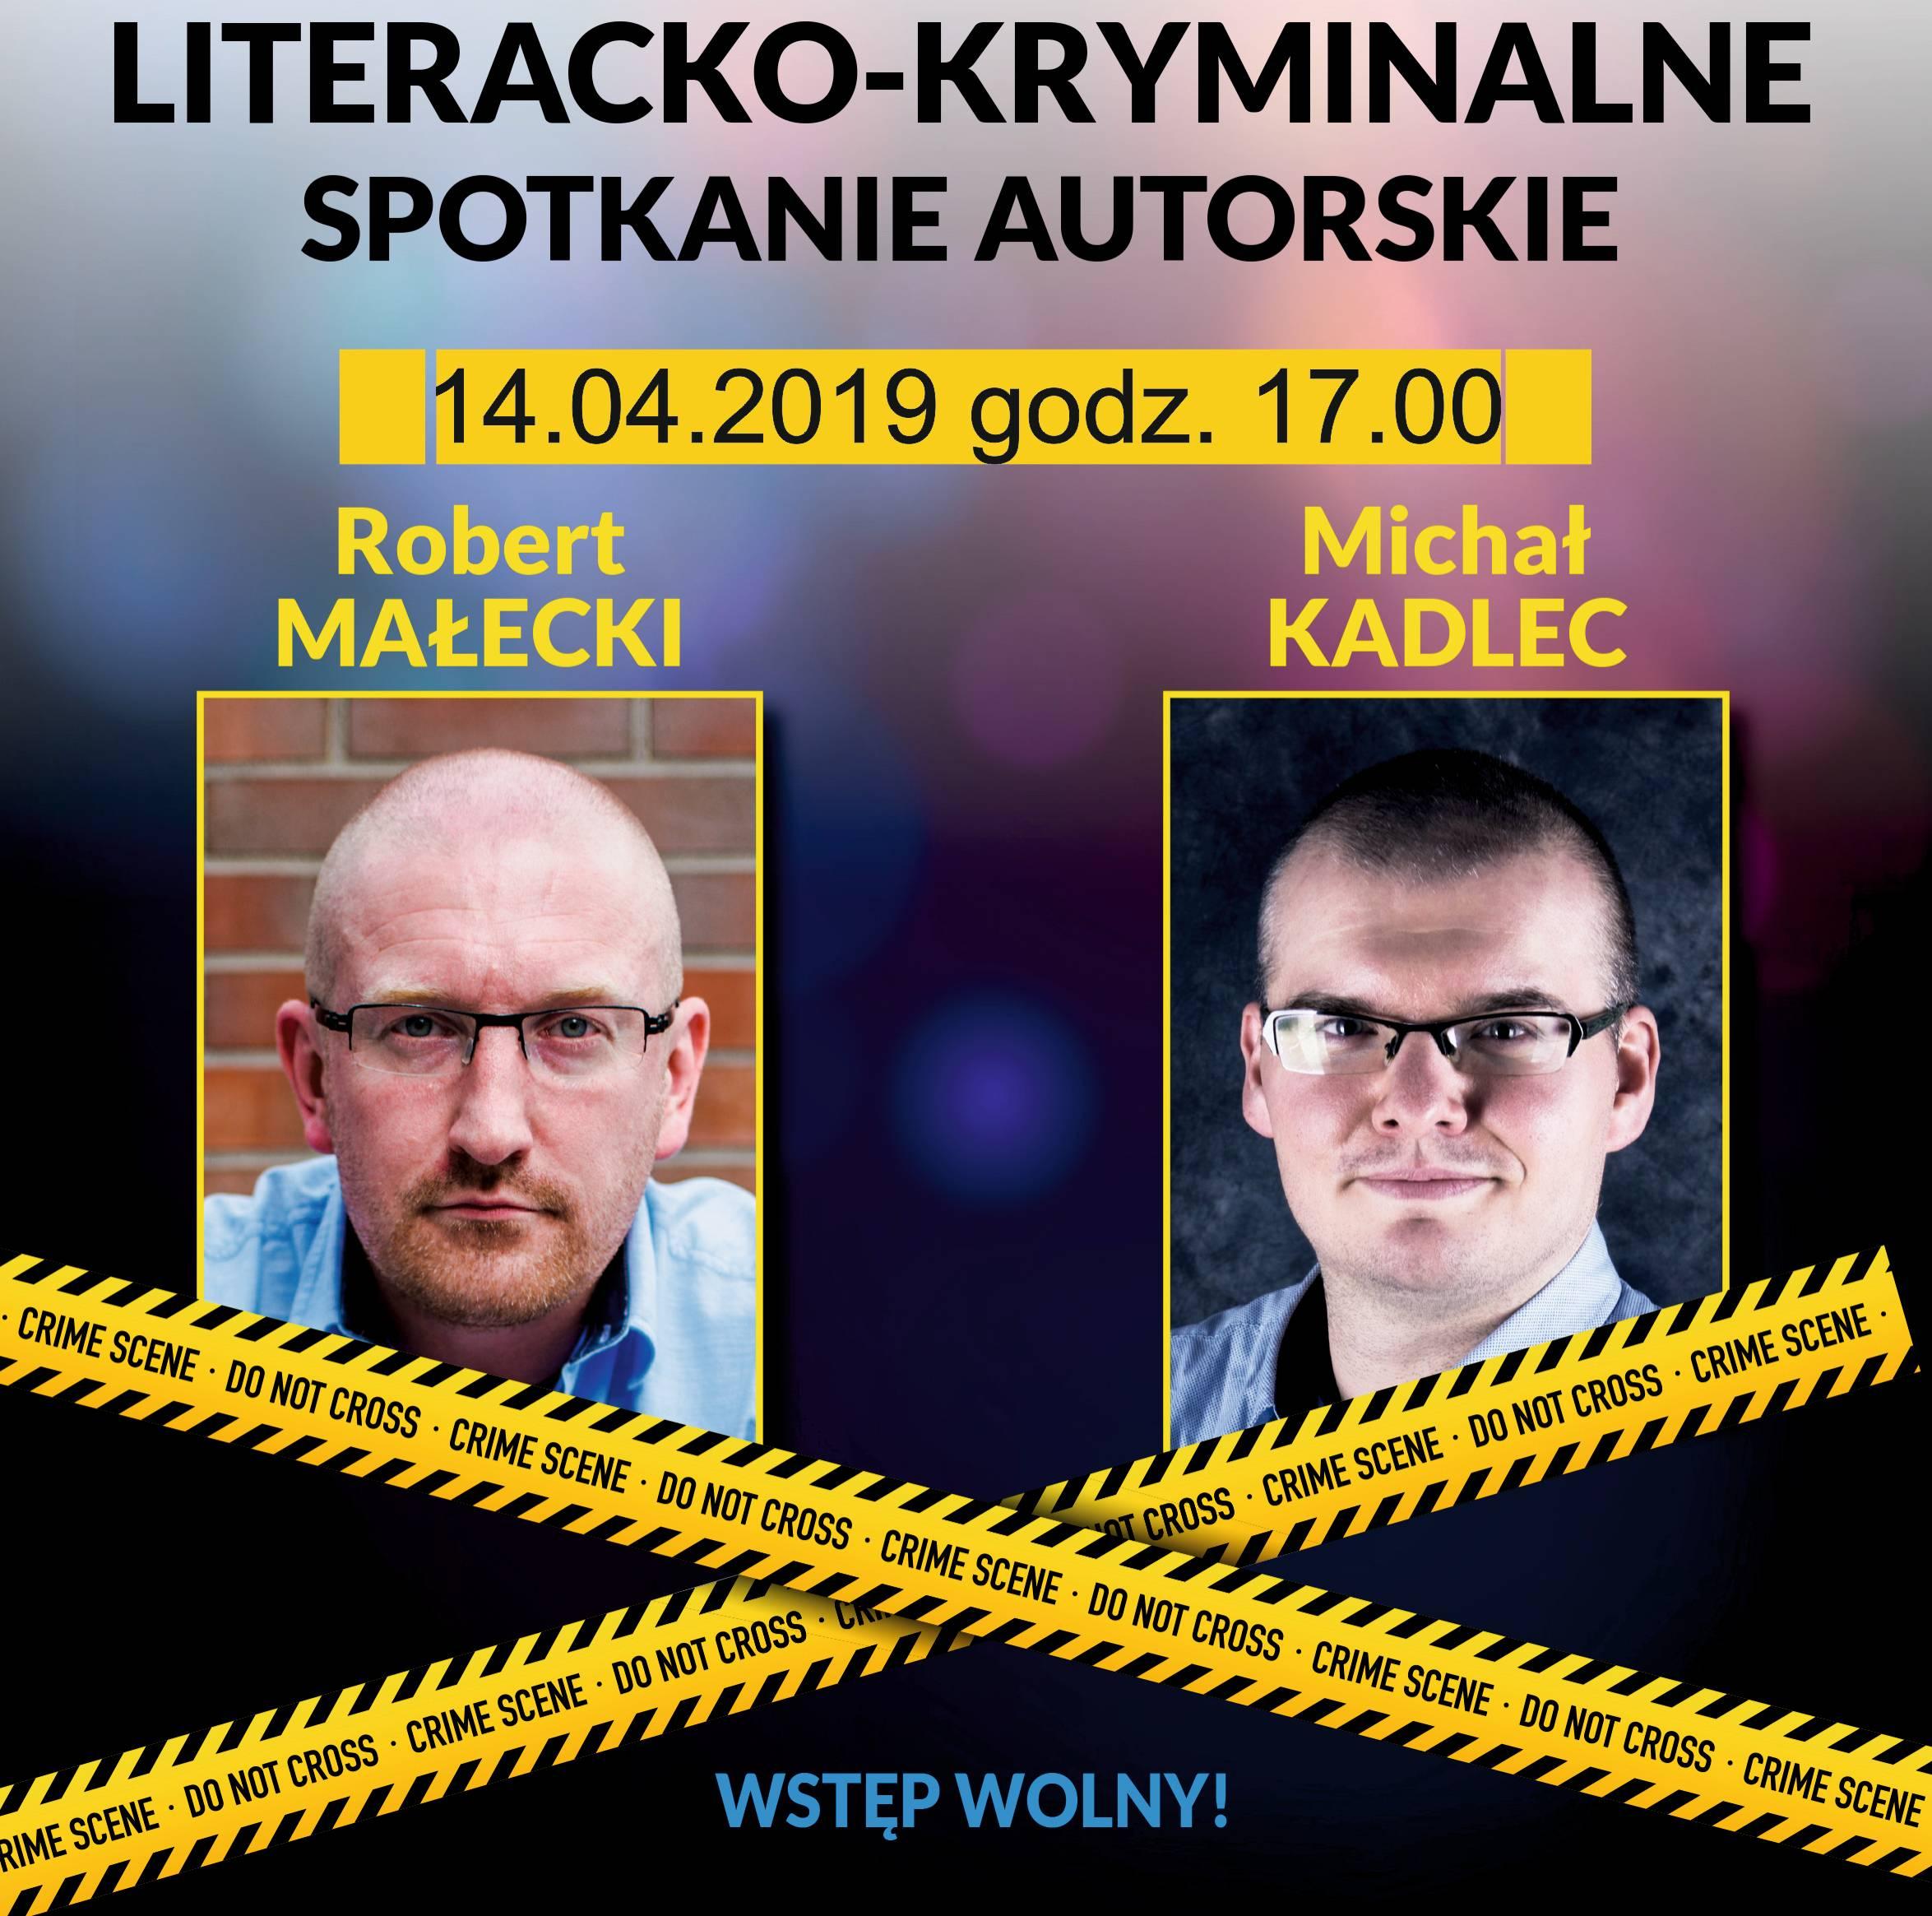 Literacko-kryminalne spotkanie autorskie